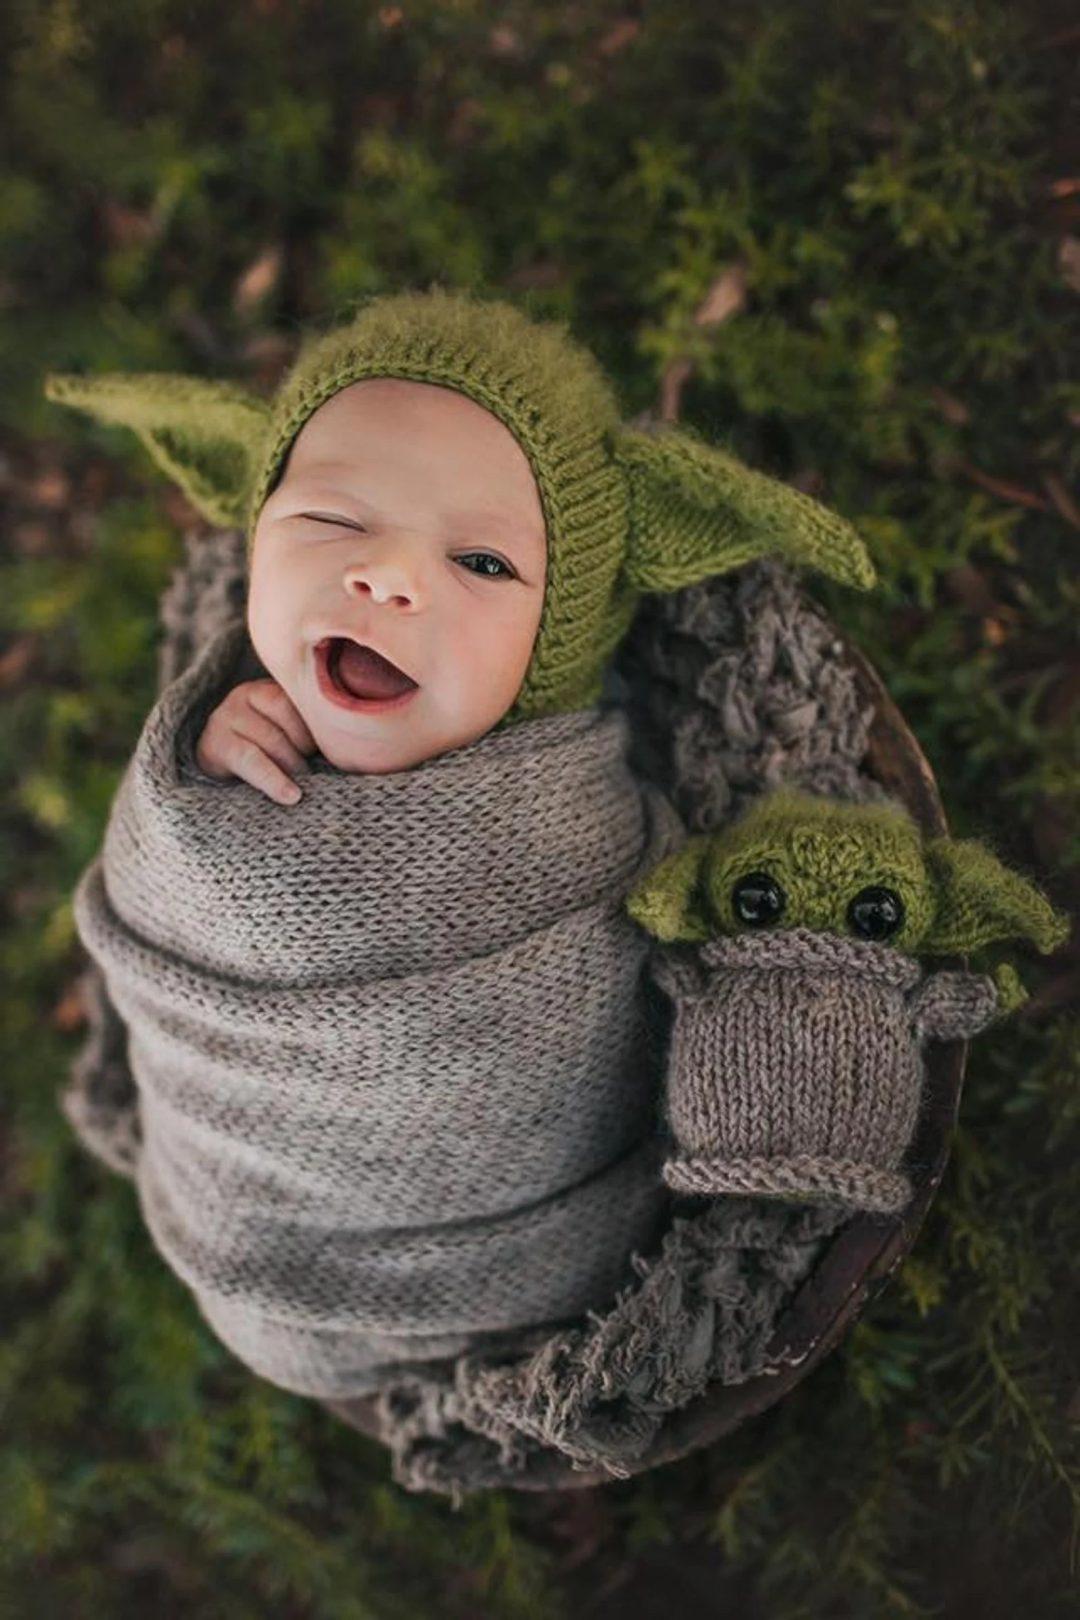 Best Newborn Halloween Costumes: Baby Yoda